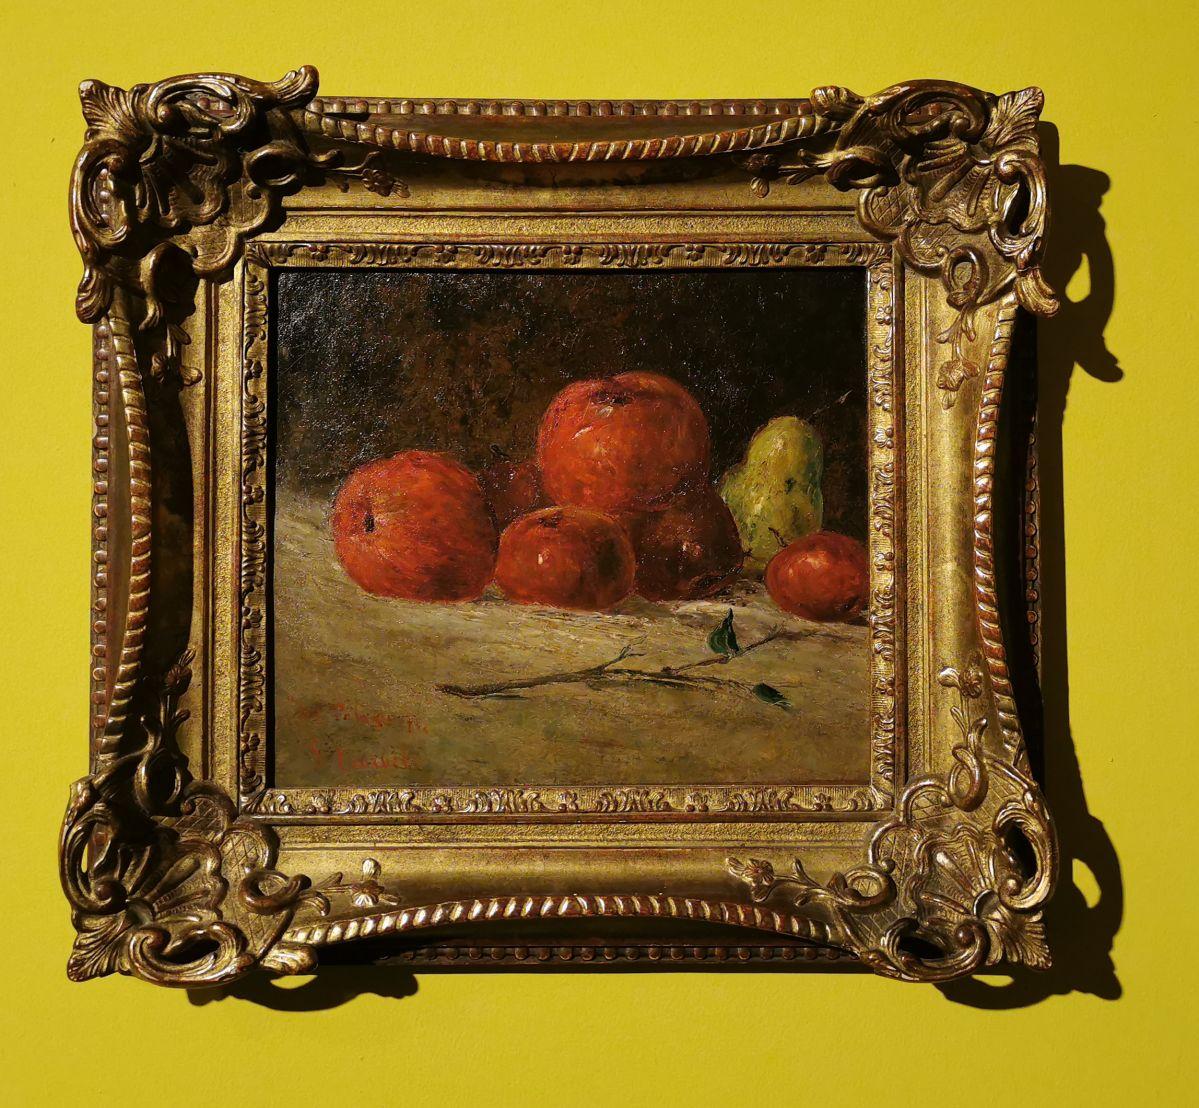 Gustave Courbet - Nature morte aux pommes et poire, 1871 - Paul Valéry et les peintres - Autres regards de Valéry sur les peintres depuis sa jeunesse - Musée Paul Valéry à Sète